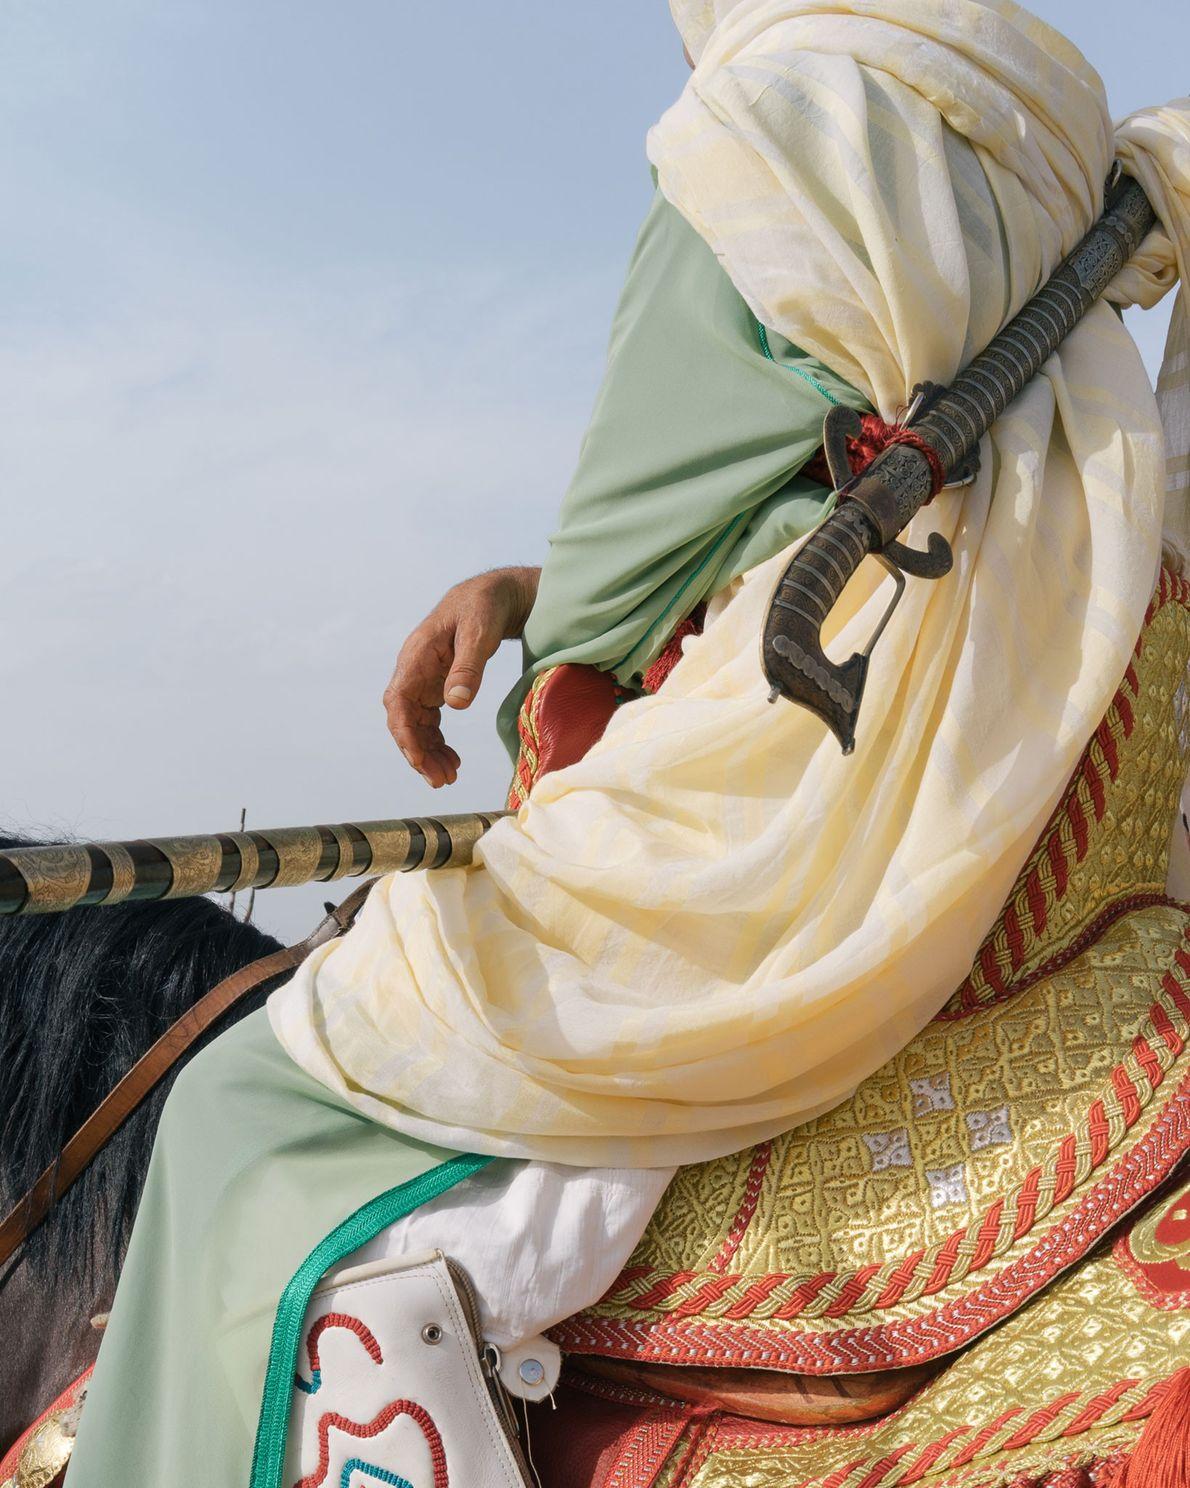 Pendant la fantasia, les cavaliers portent des djellabas traditionnelles, un vêtement composé de plusieurs couches de ...